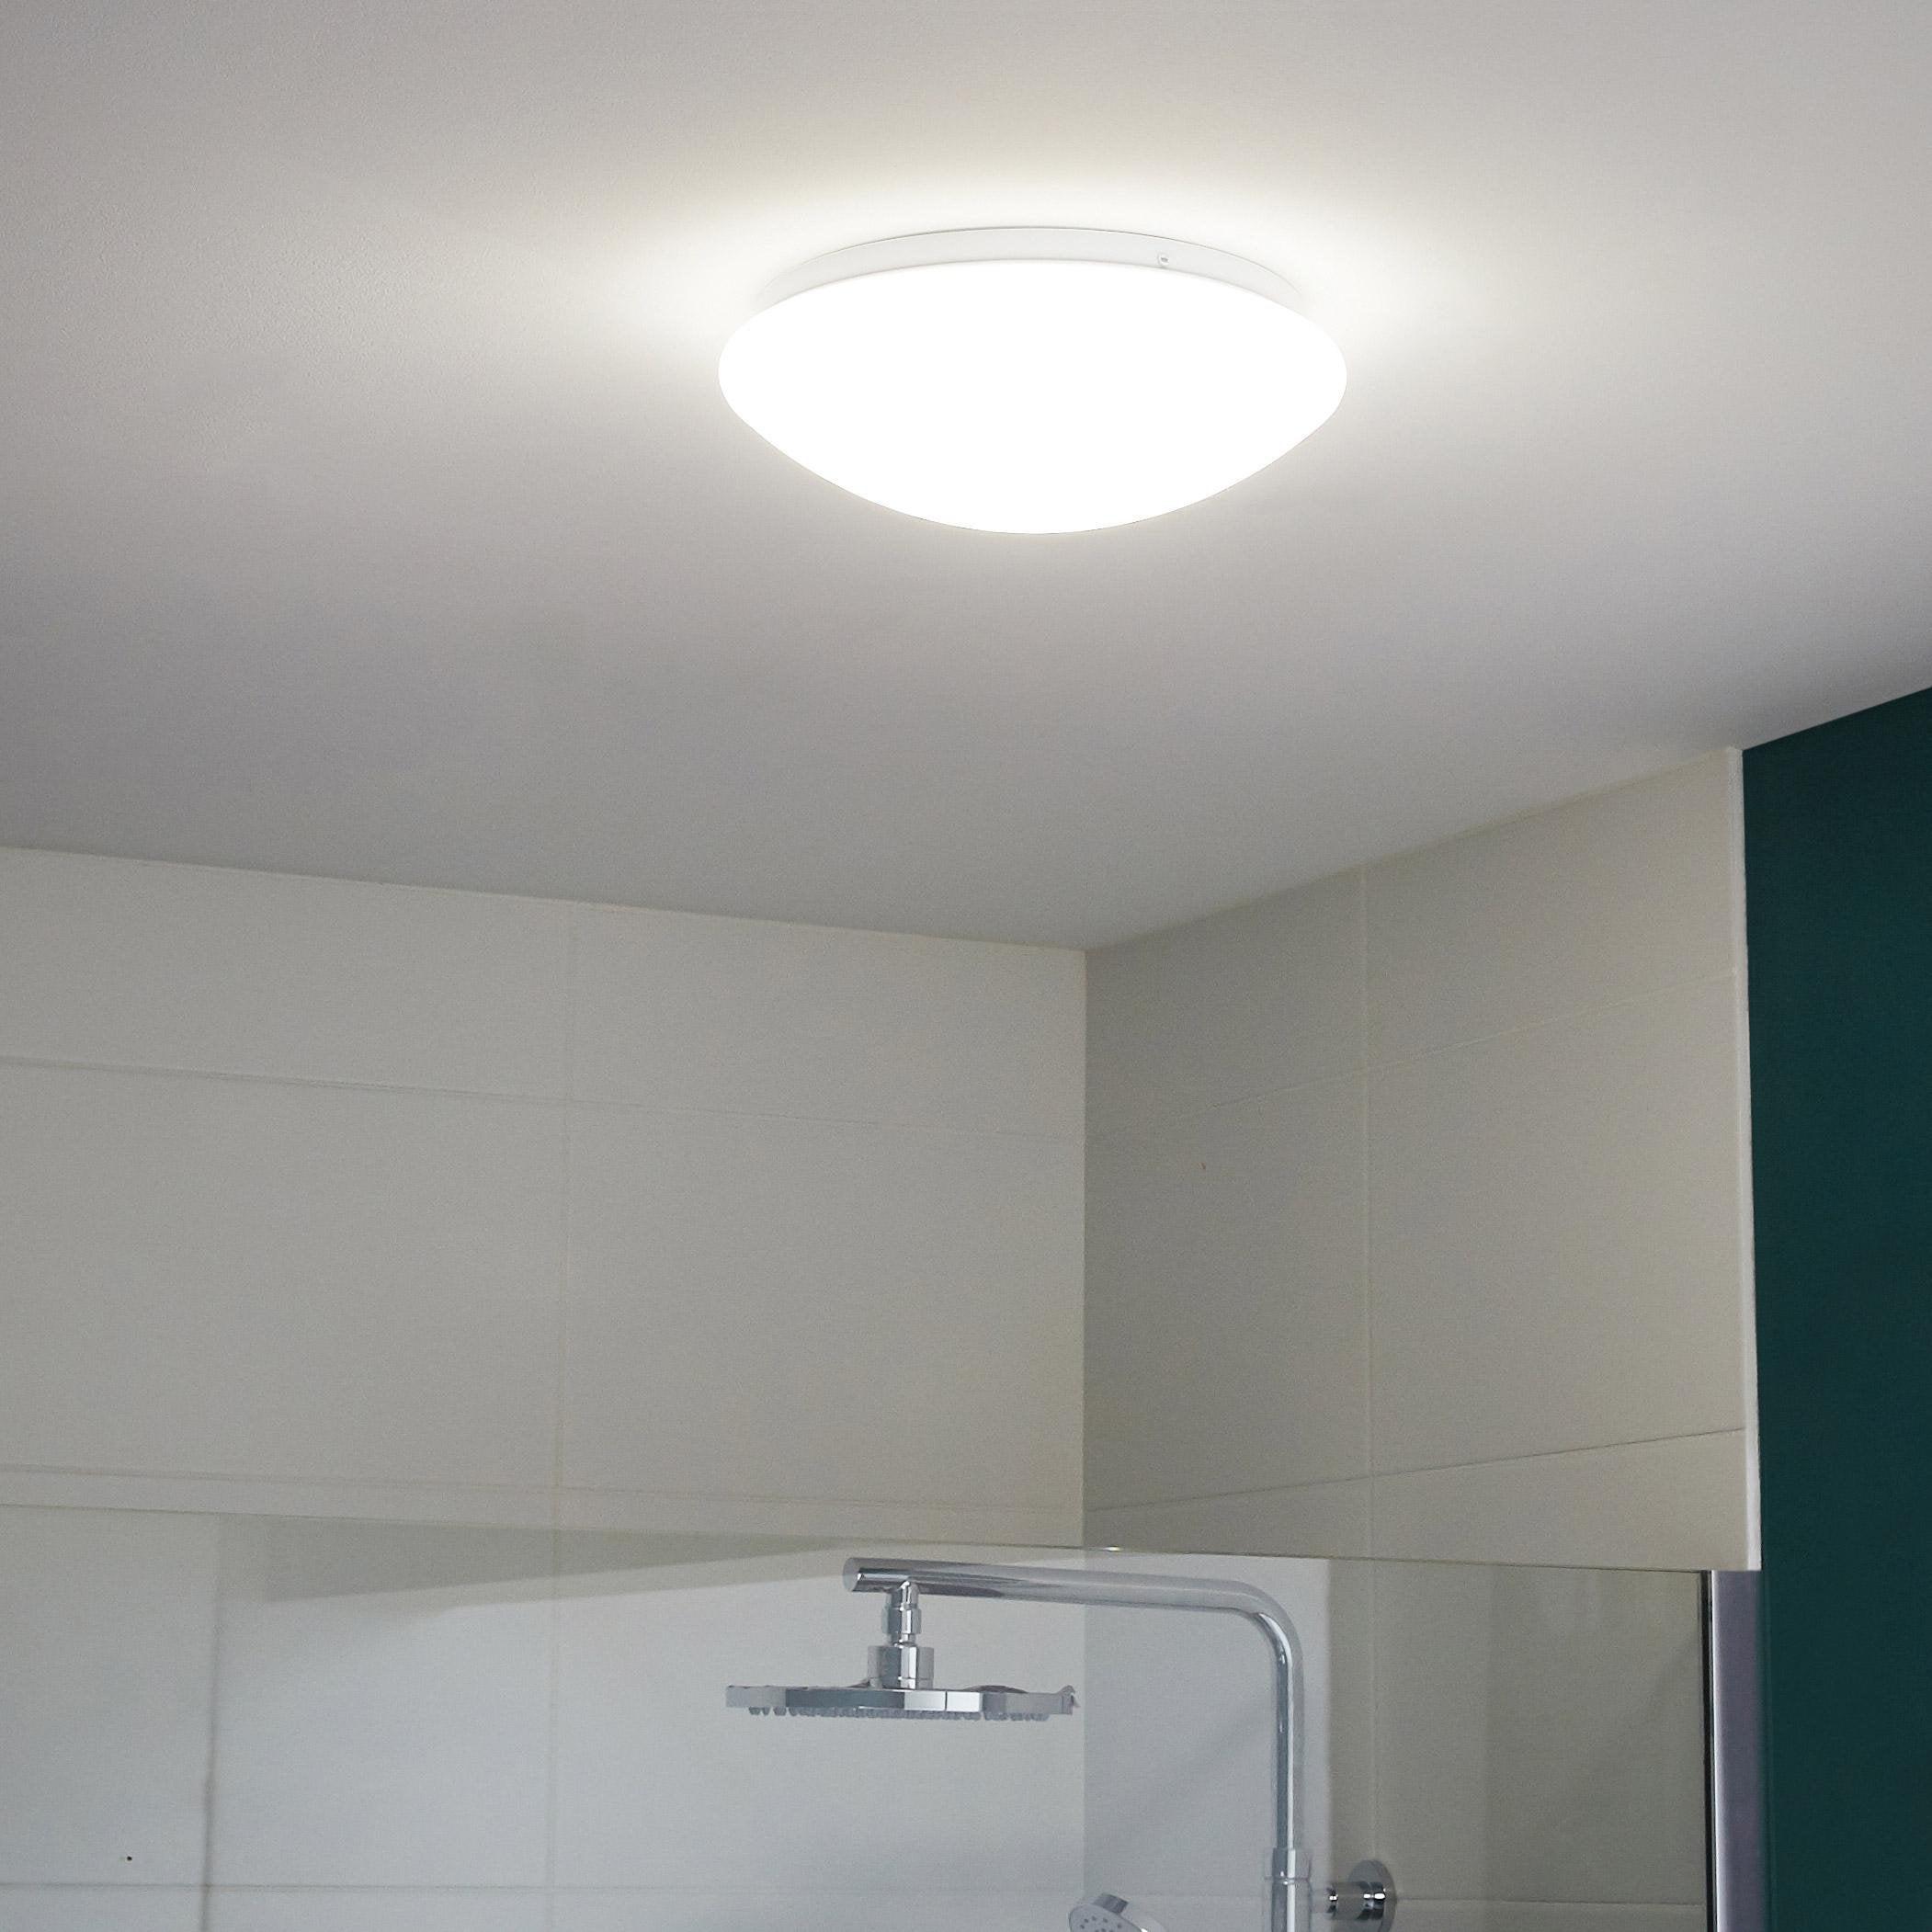 Plafonnier Madyled, LED 1 X 12 W, LED Intégrée Blanc Froid ...